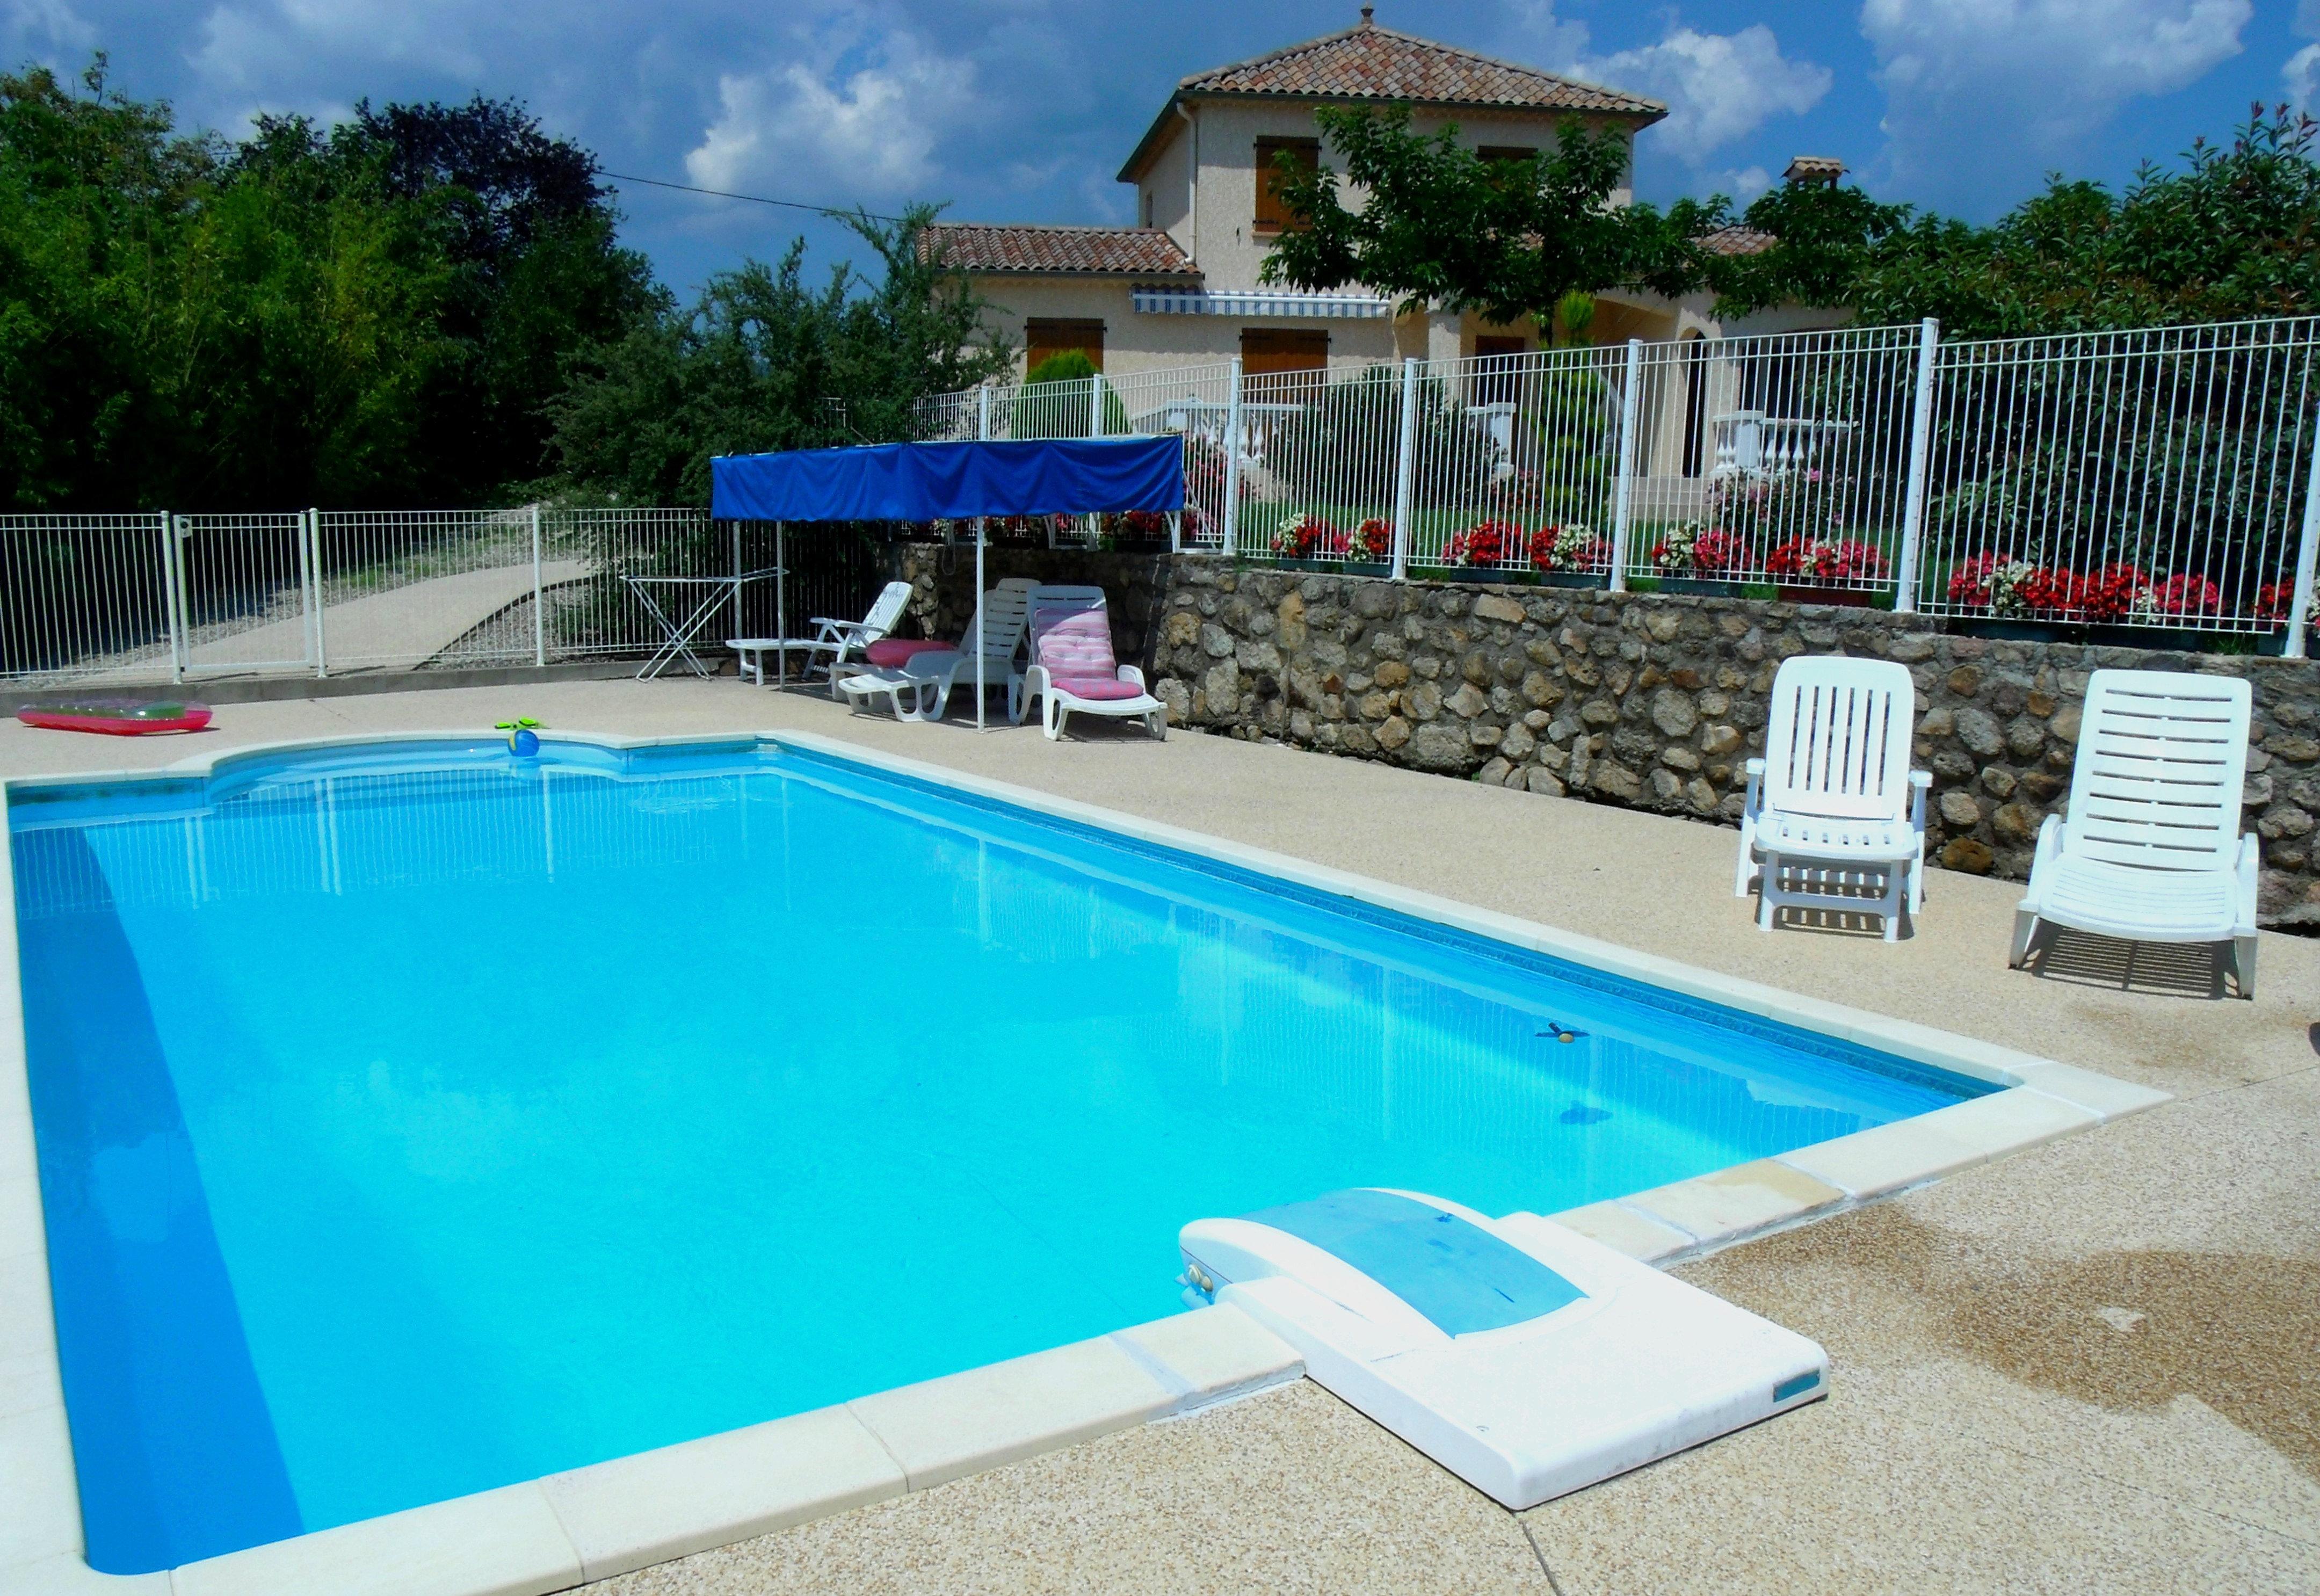 Leslavandinslegite la piscine for Piscine 3 05 x 1 22